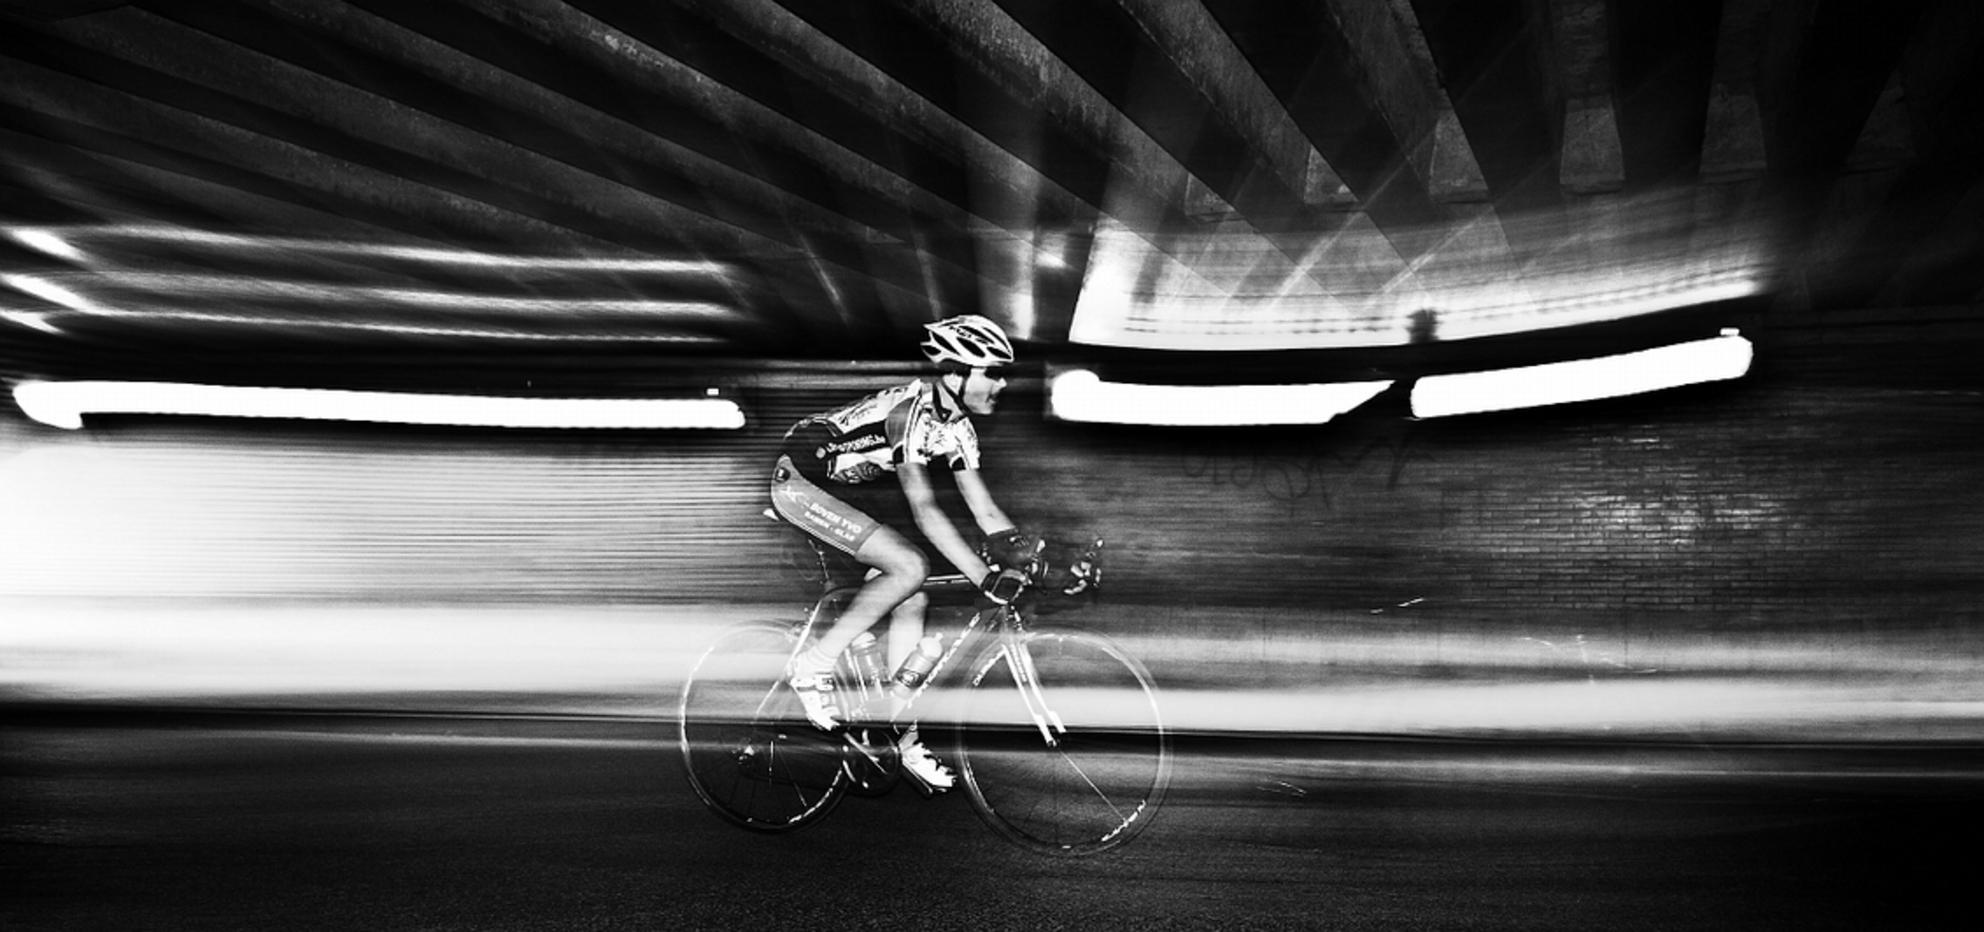 racer - Deze foto nam ik onder een brug vlak bij m'n vorige woonplaats Temse. De lijnen van de onderkant van de brug leken me ideaal om eens te experimentere - foto door stefaanwillaert op 10-09-2011 - deze foto bevat: fietser race renner inflitsen flits actie - Deze foto mag gebruikt worden in een Zoom.nl publicatie